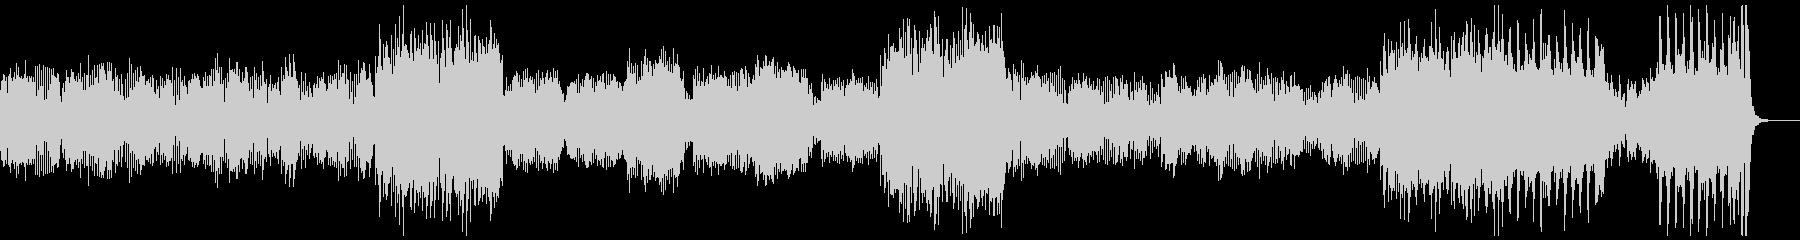 K.331『トルコ行進曲』モーツァルトの未再生の波形